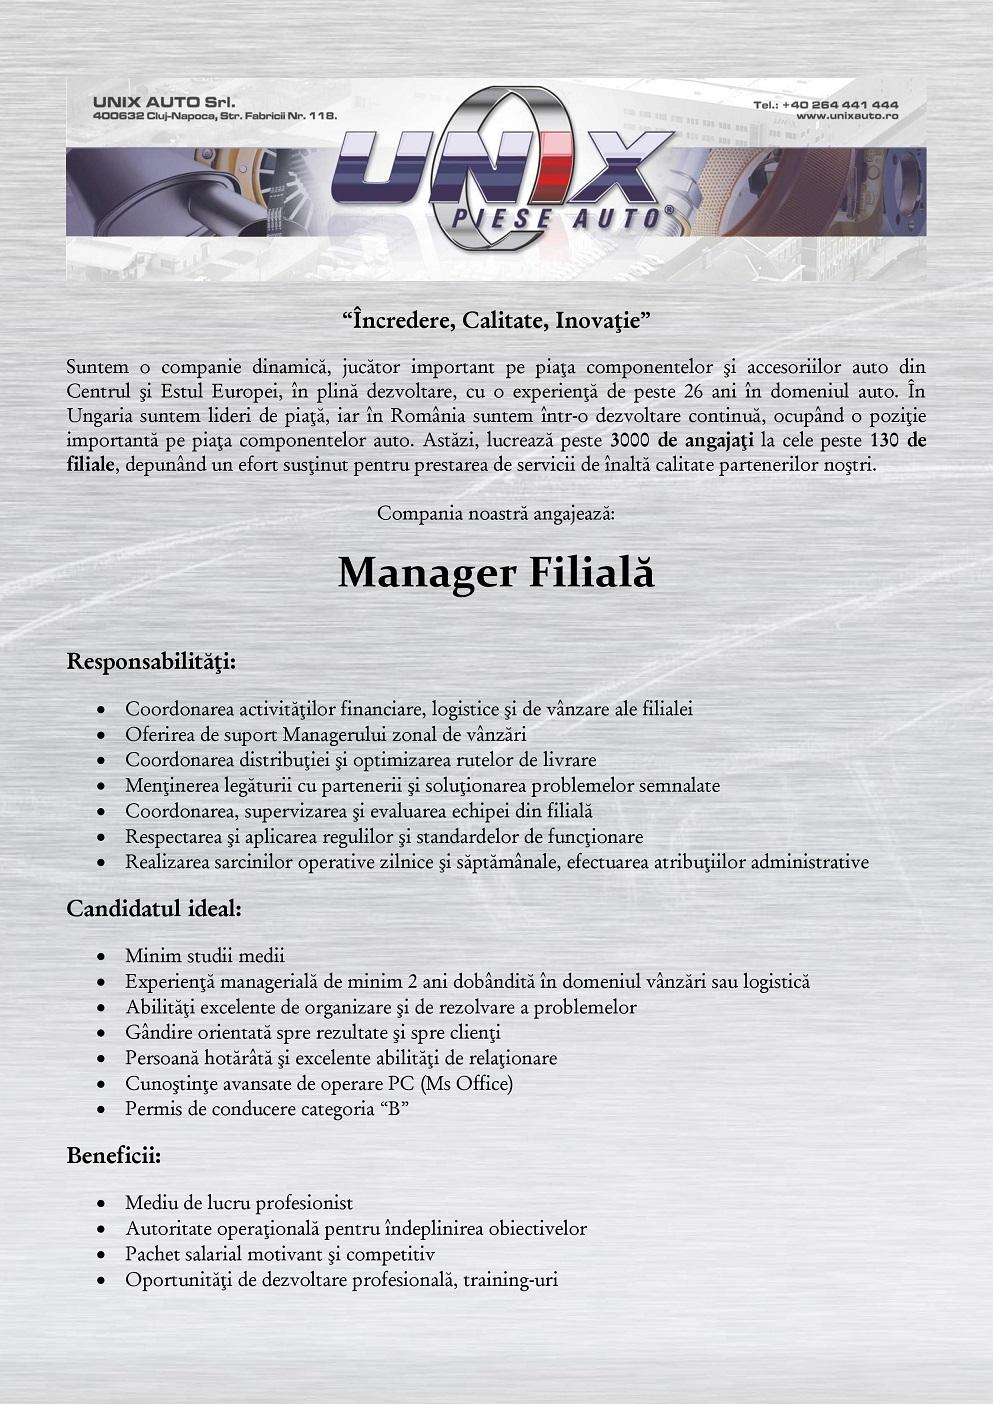 Manager Filială